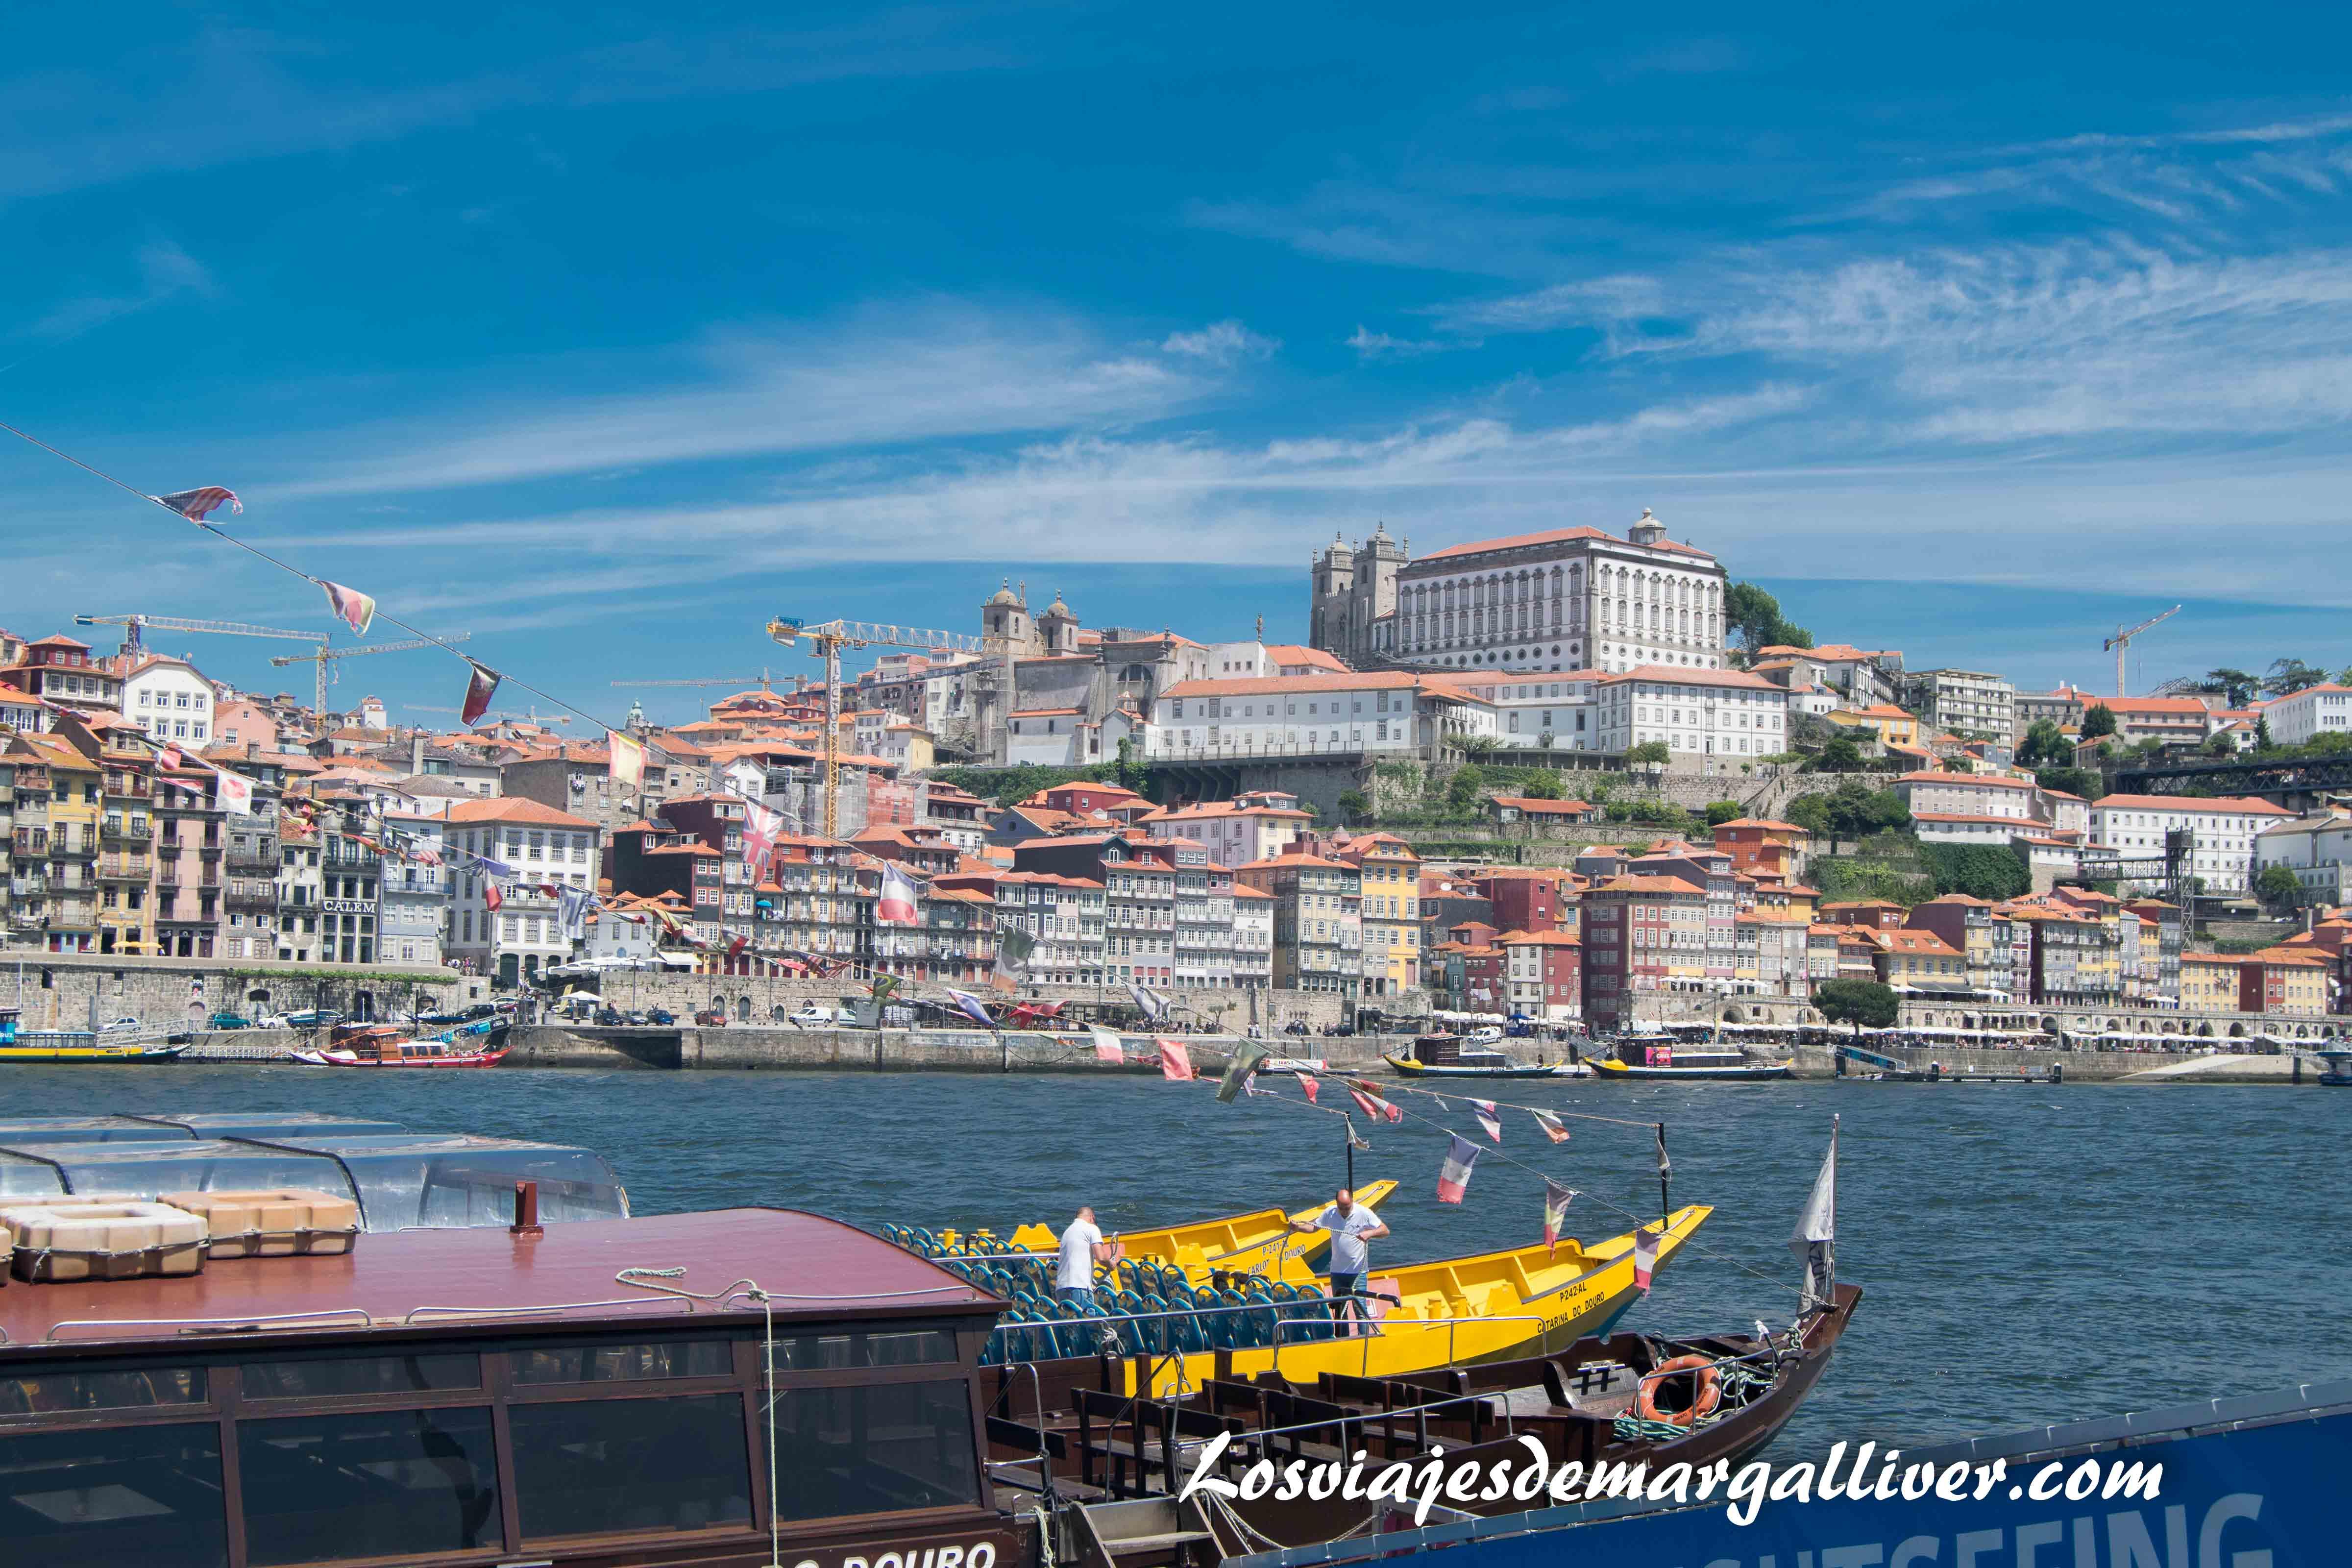 Apunto de subirnos a nuestro barco para realizar el paseo fluvial por el Río Duero en Oporto que ver en Oporto